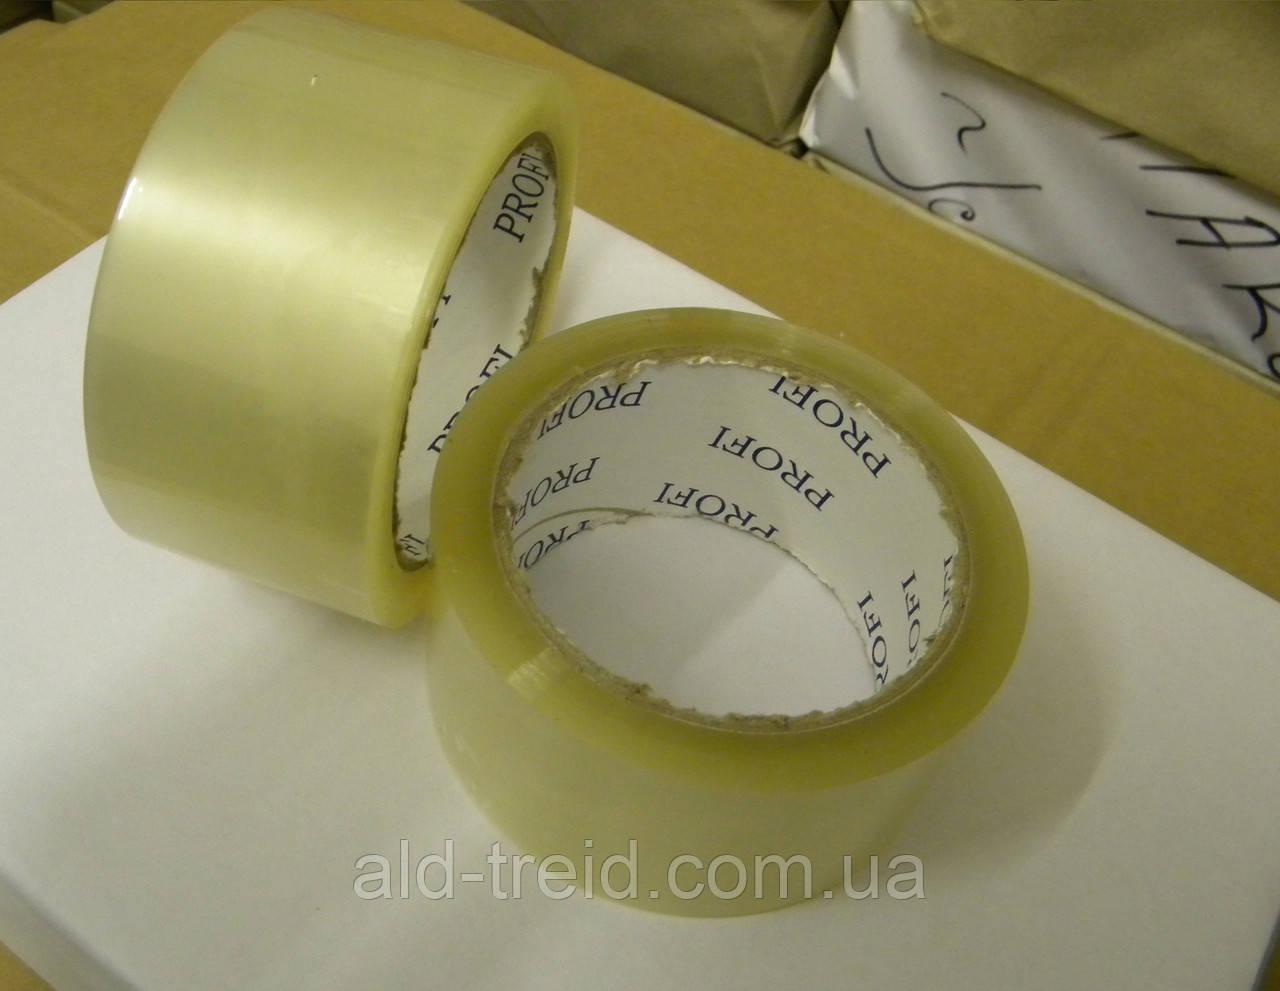 Скотч упаковочный 48*140 (0,40) Profi *при заказе от 2500грн